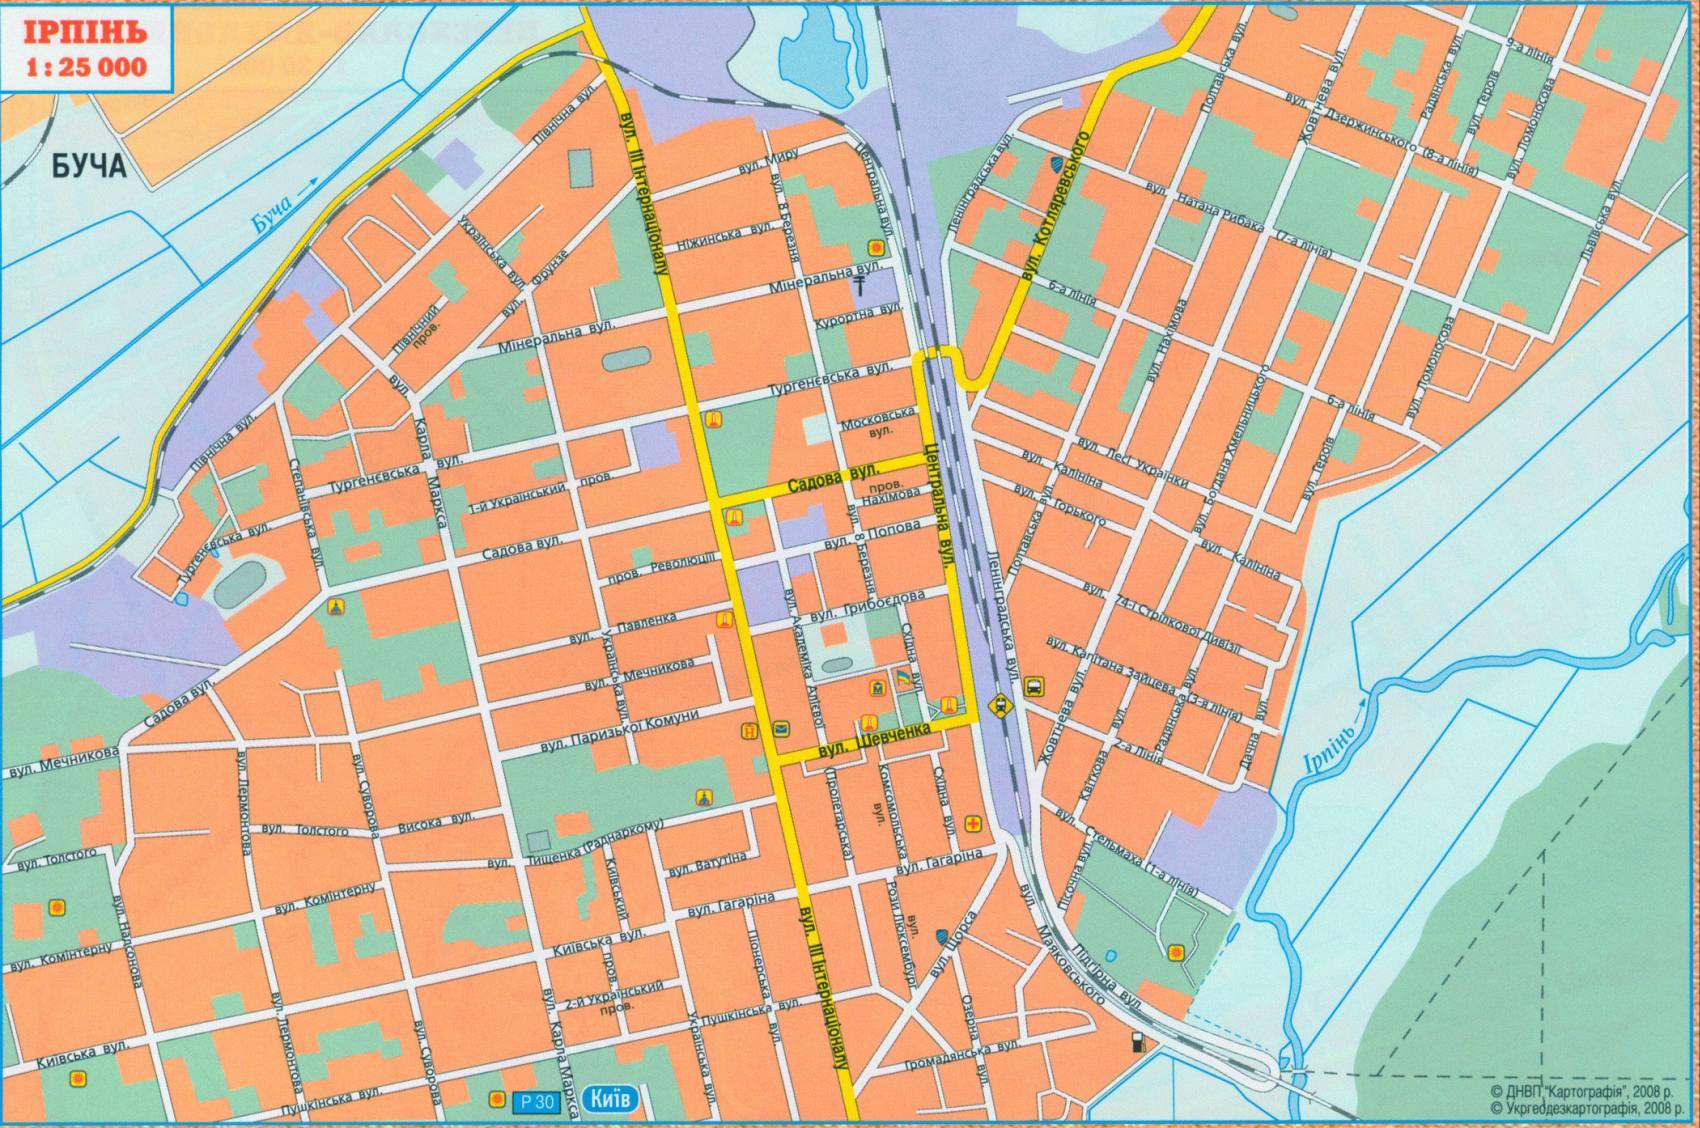 Карта города Ирпень